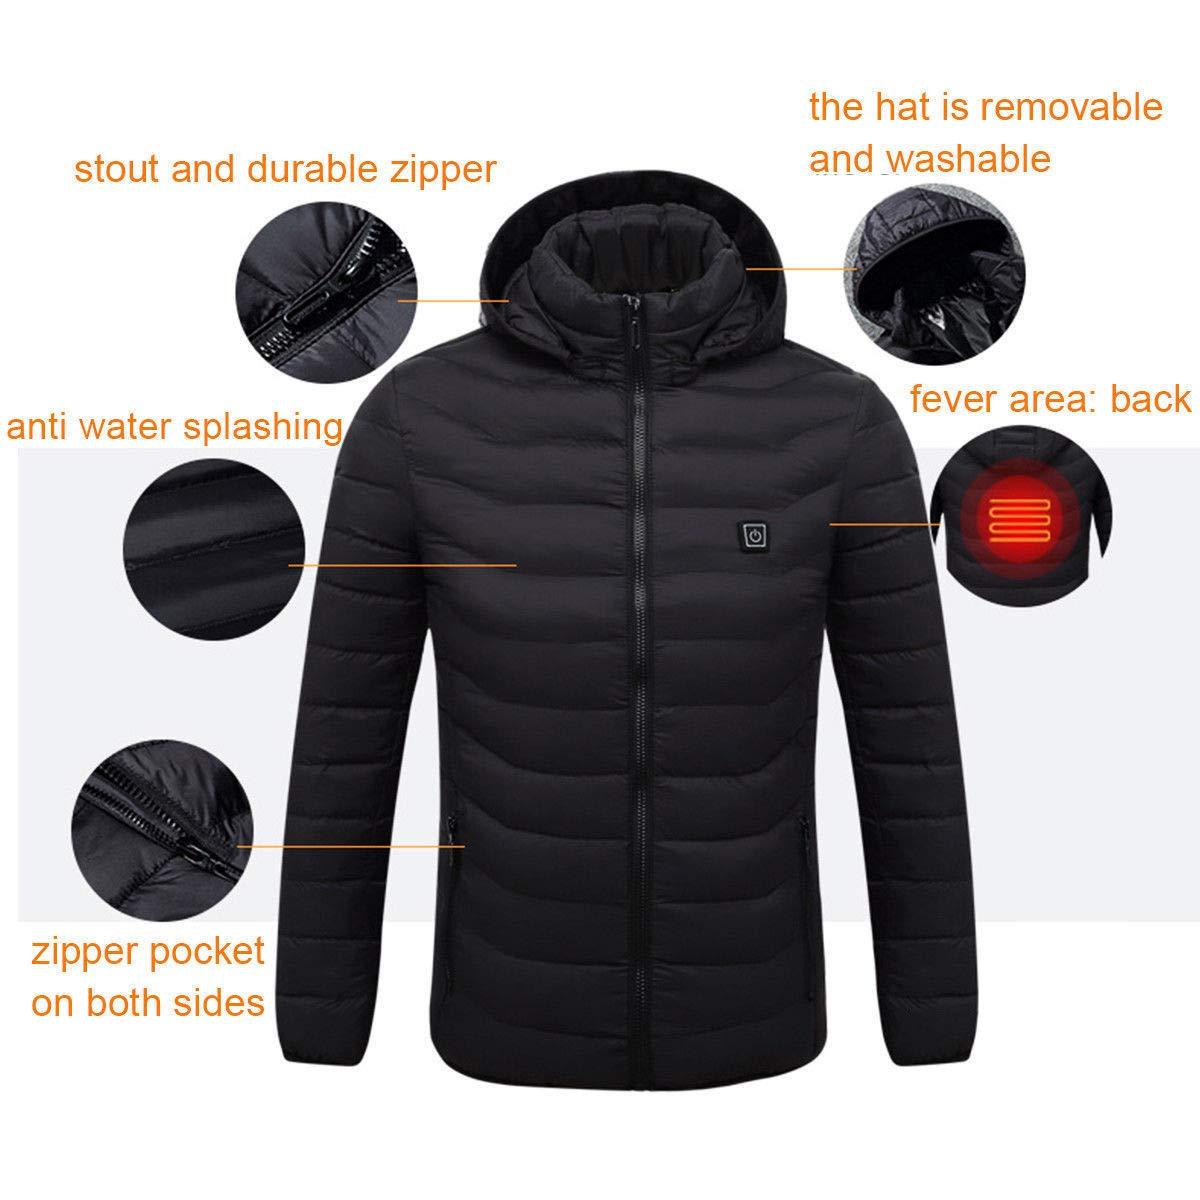 51c57abe700 Amazon.com: Mens USB Heated Warm Work Jacket Motorcycle Skiing Riding Snow  Coat (L): Clothing